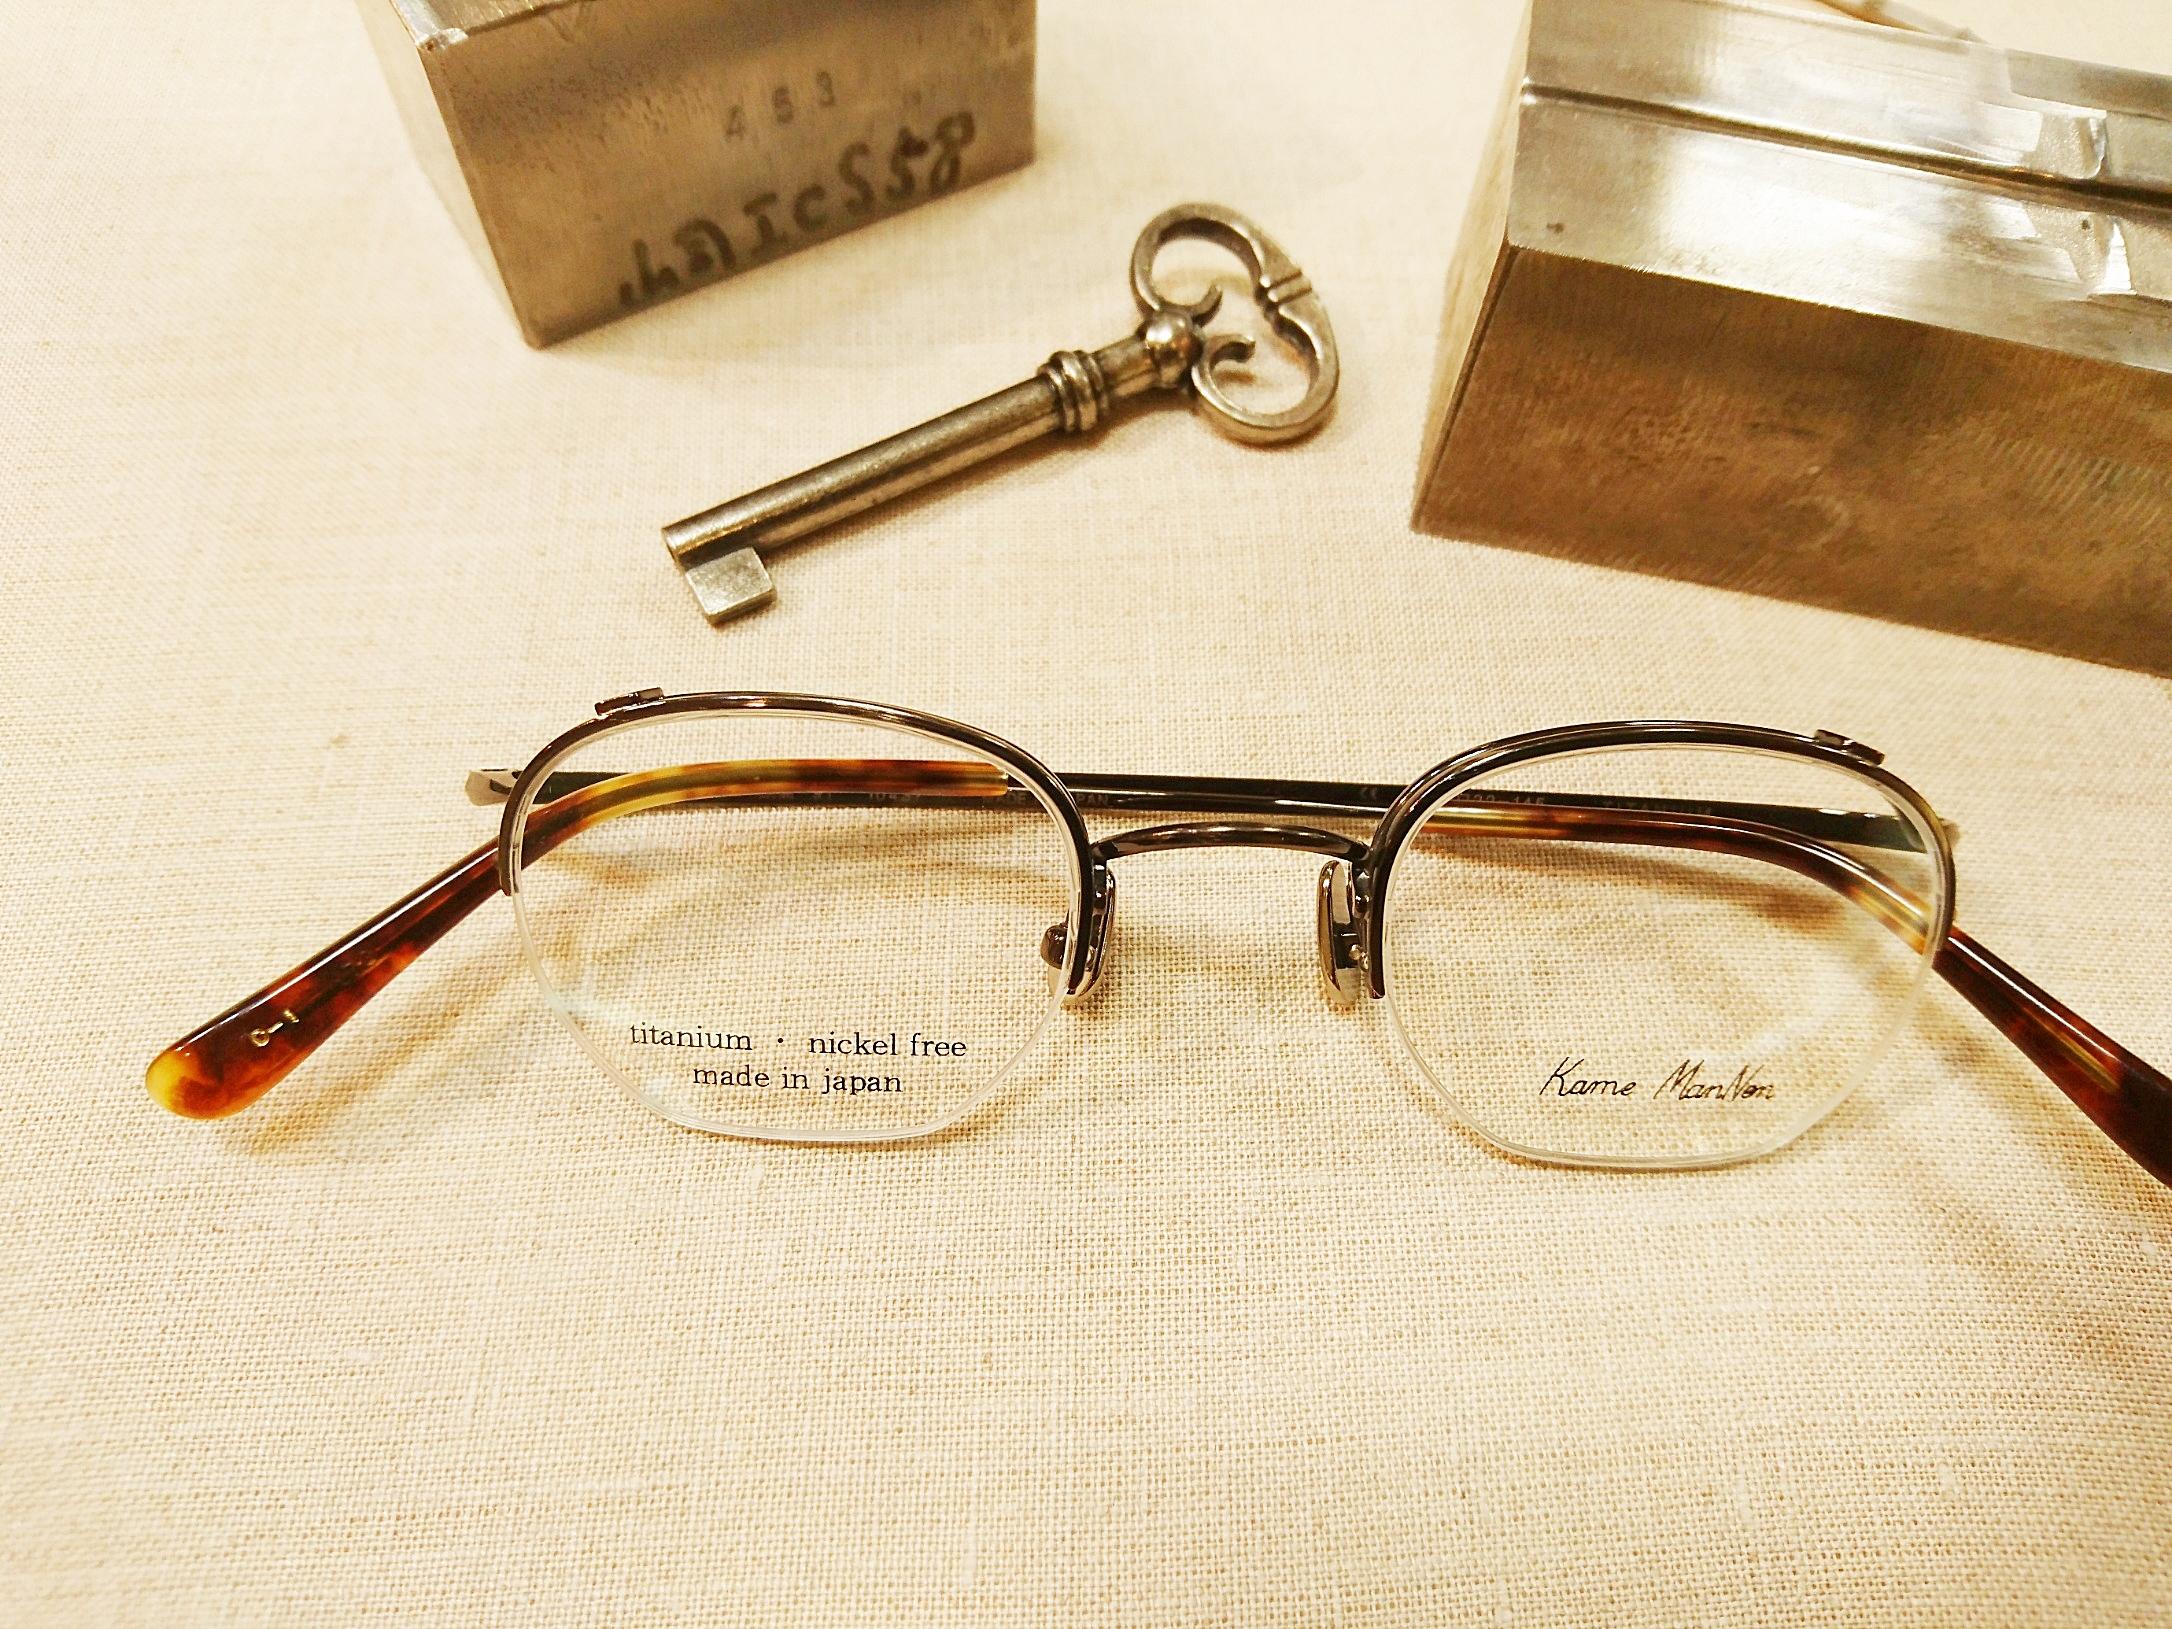 3dde0496b623b 福島県郡山市のメガネ専門店 ロペbrog – ページ 28 – 日々の出来事を ...